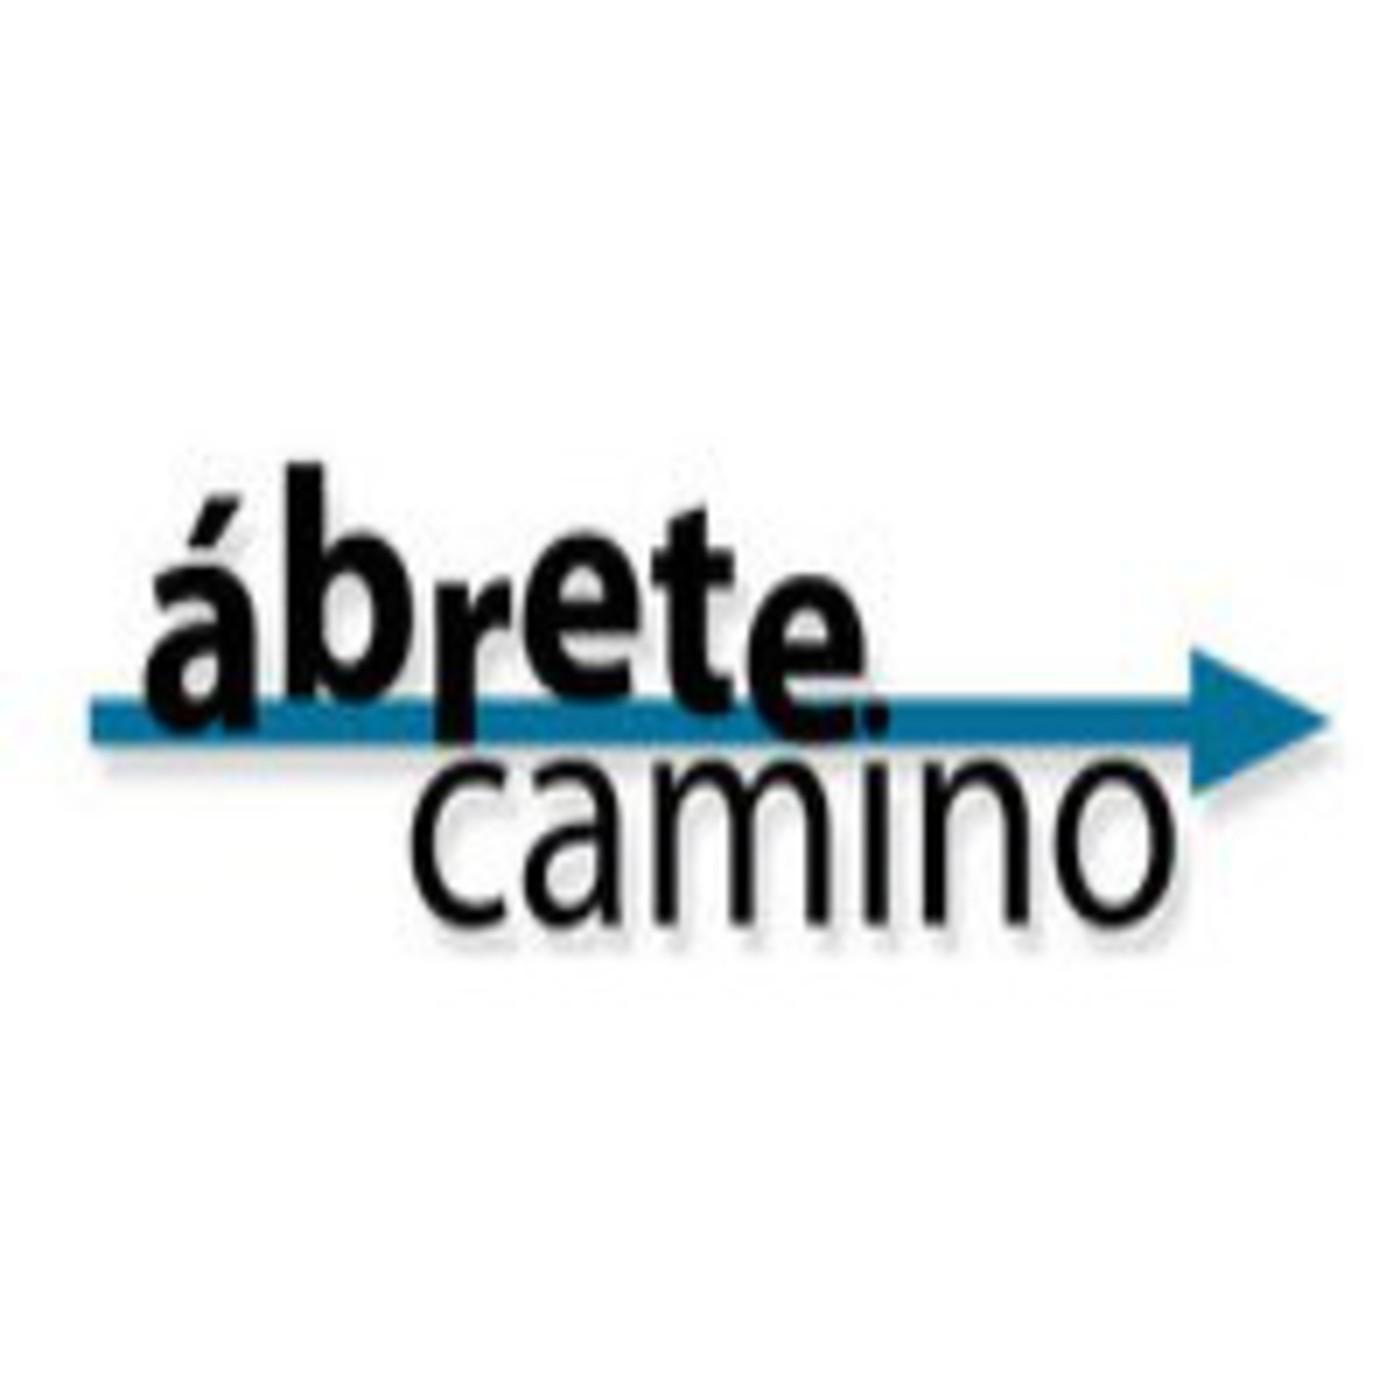 <![CDATA[Podcast Ábrete Camino]]>